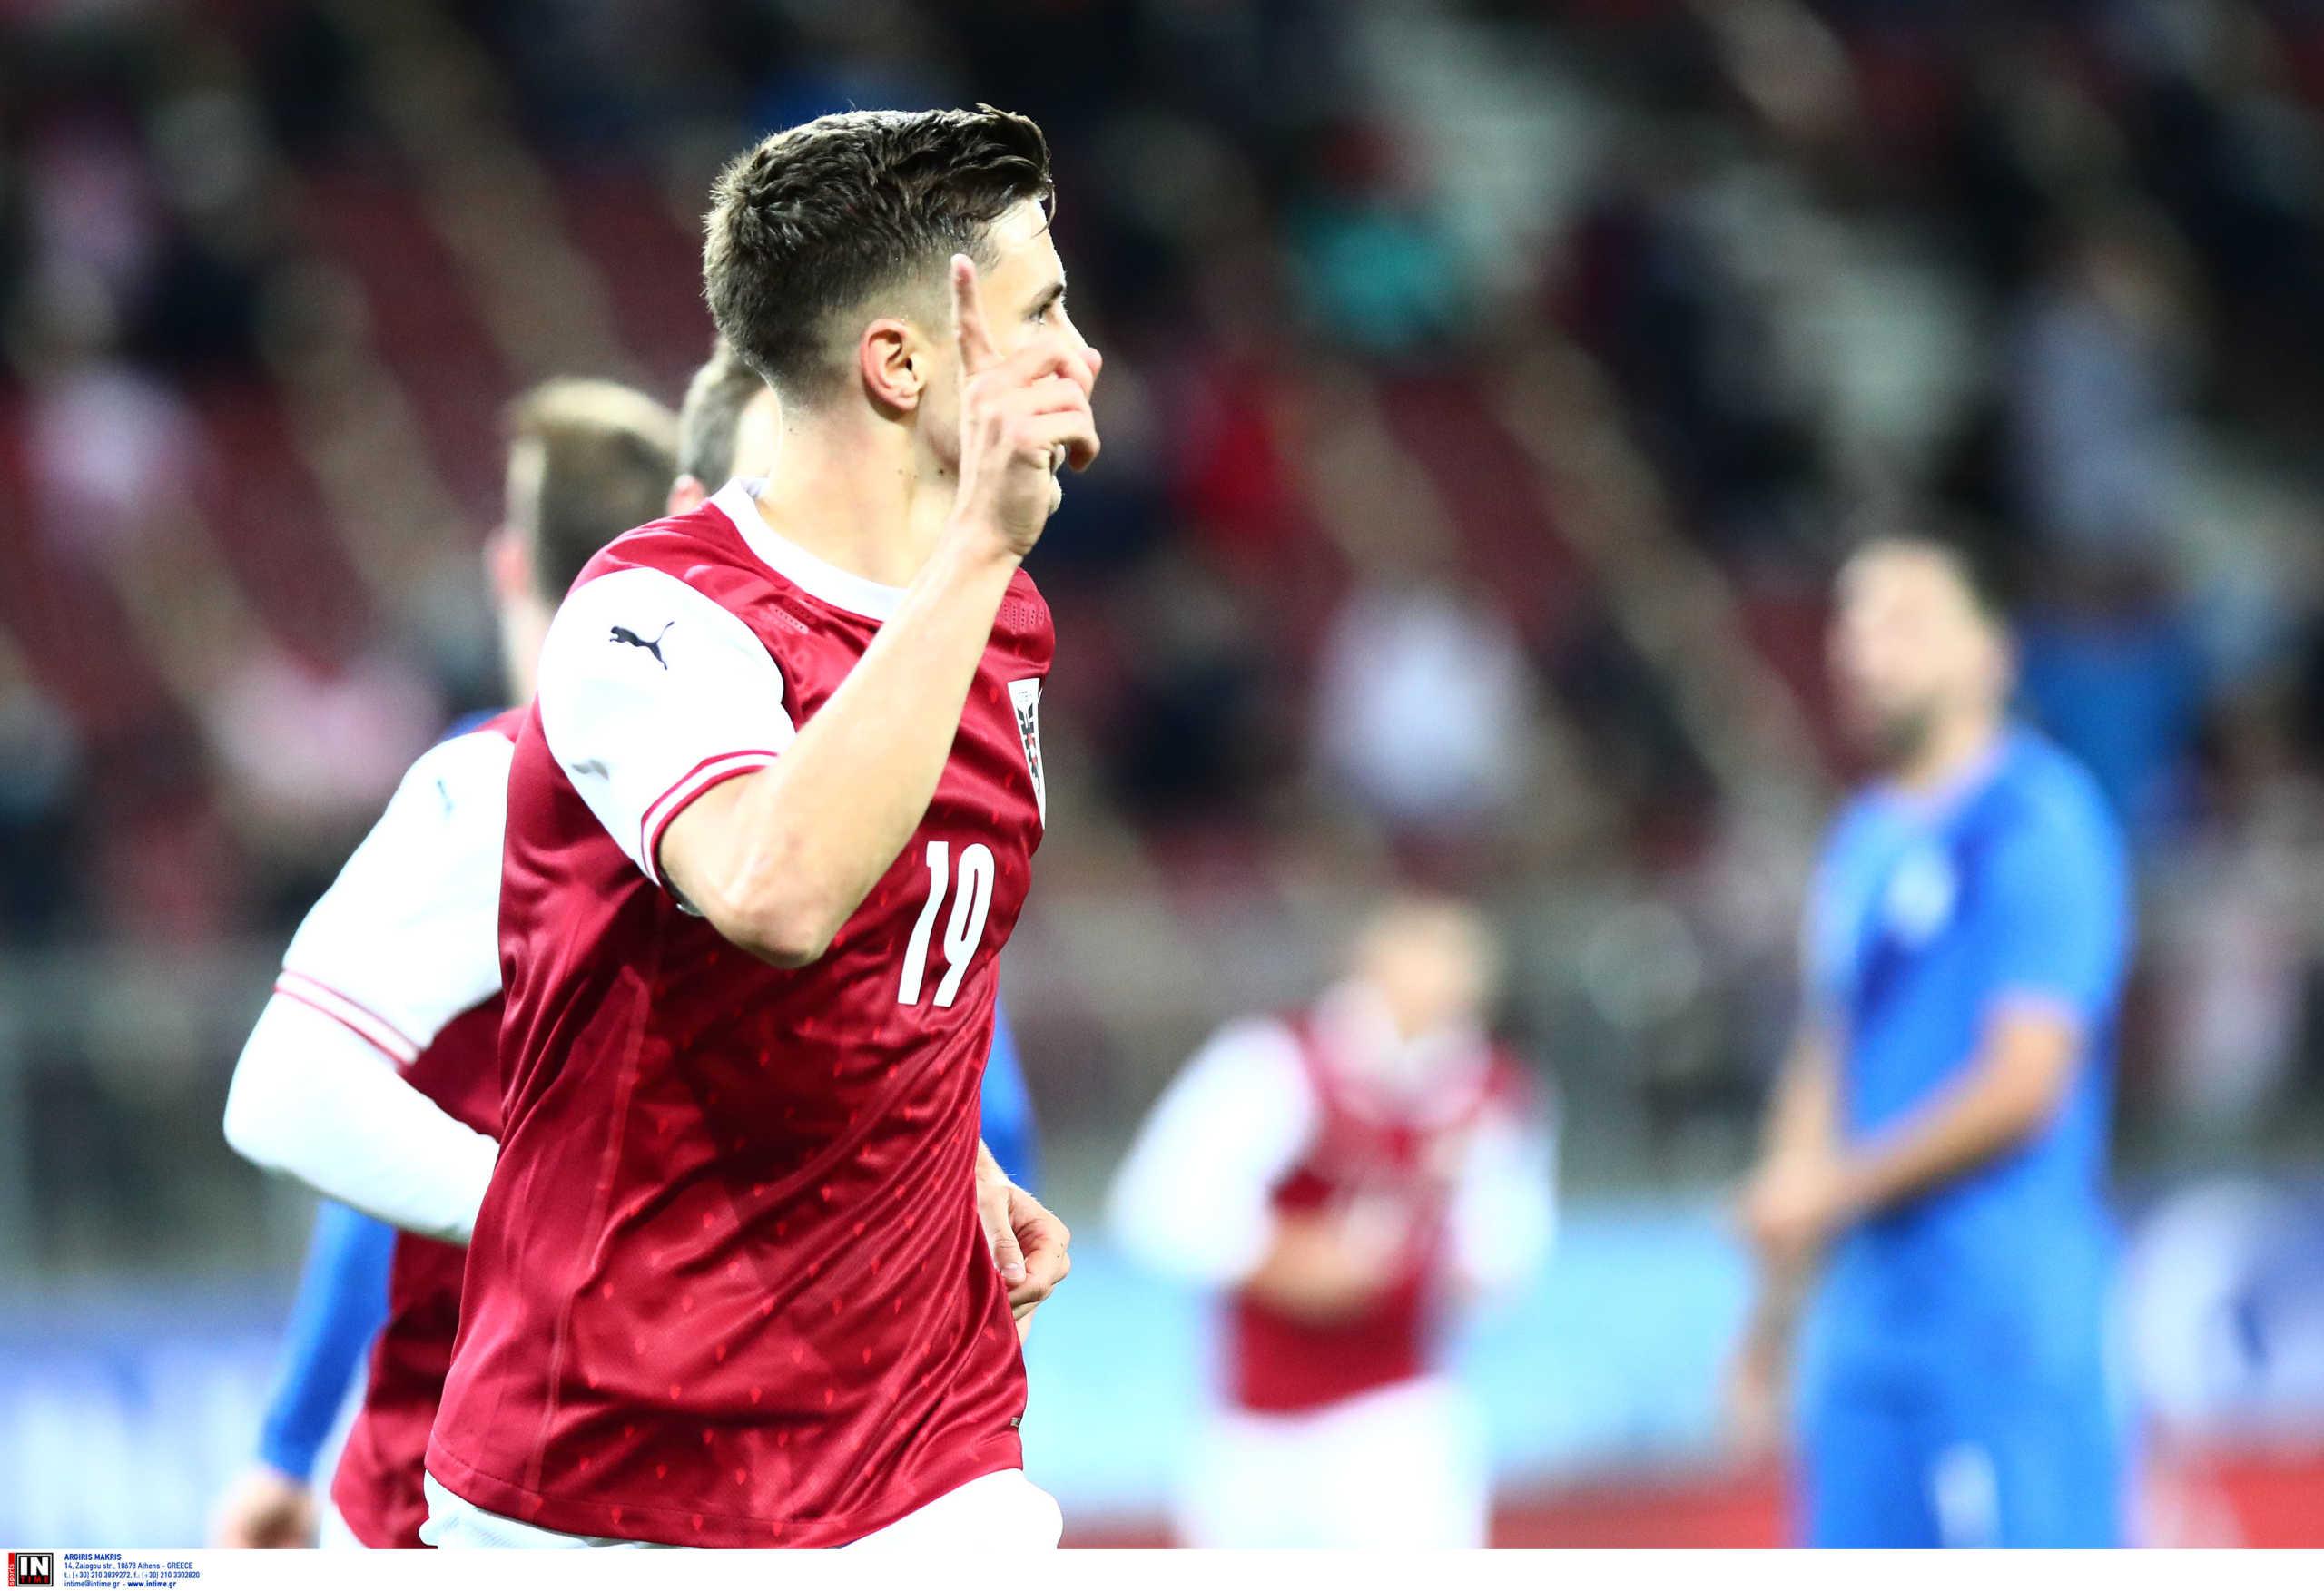 Αυστρία – Ελλάδα 2-1 ΤΕΛΙΚΟ: Ήττα με ανατροπή για την Εθνική